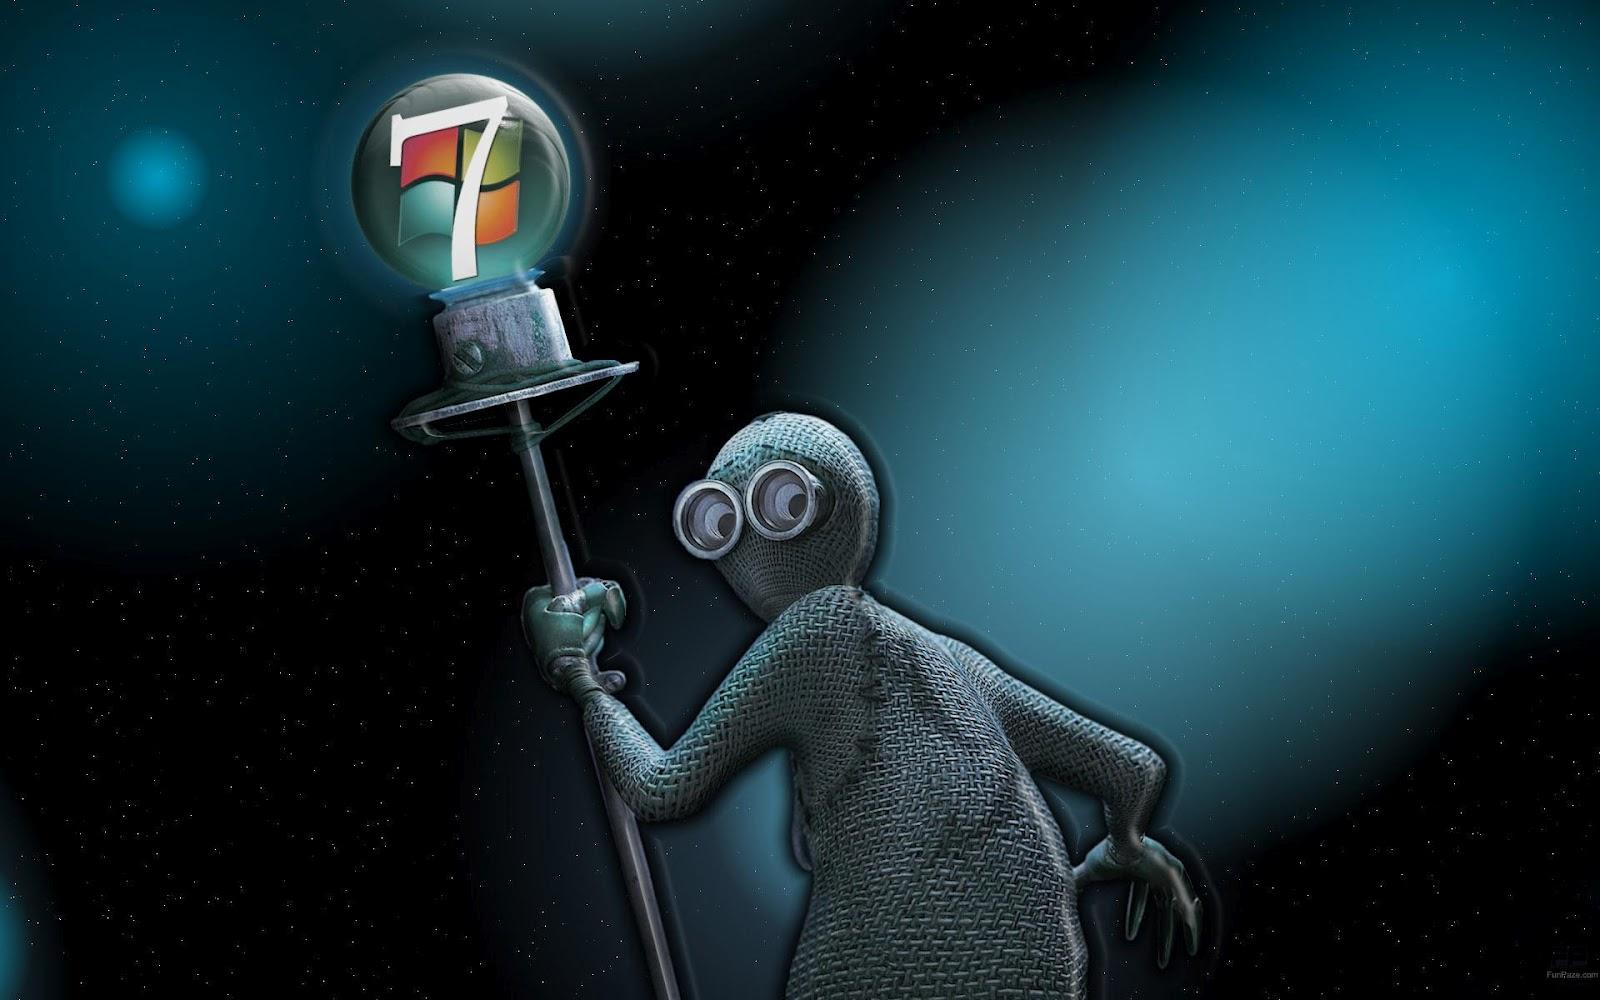 http://3.bp.blogspot.com/-BFkXaN5ojEE/T8EvguGJaBI/AAAAAAAAHEw/SFW_WNp6jwo/s1600/Windows_7_Desktop_3D_Wallpaper_08.jpg